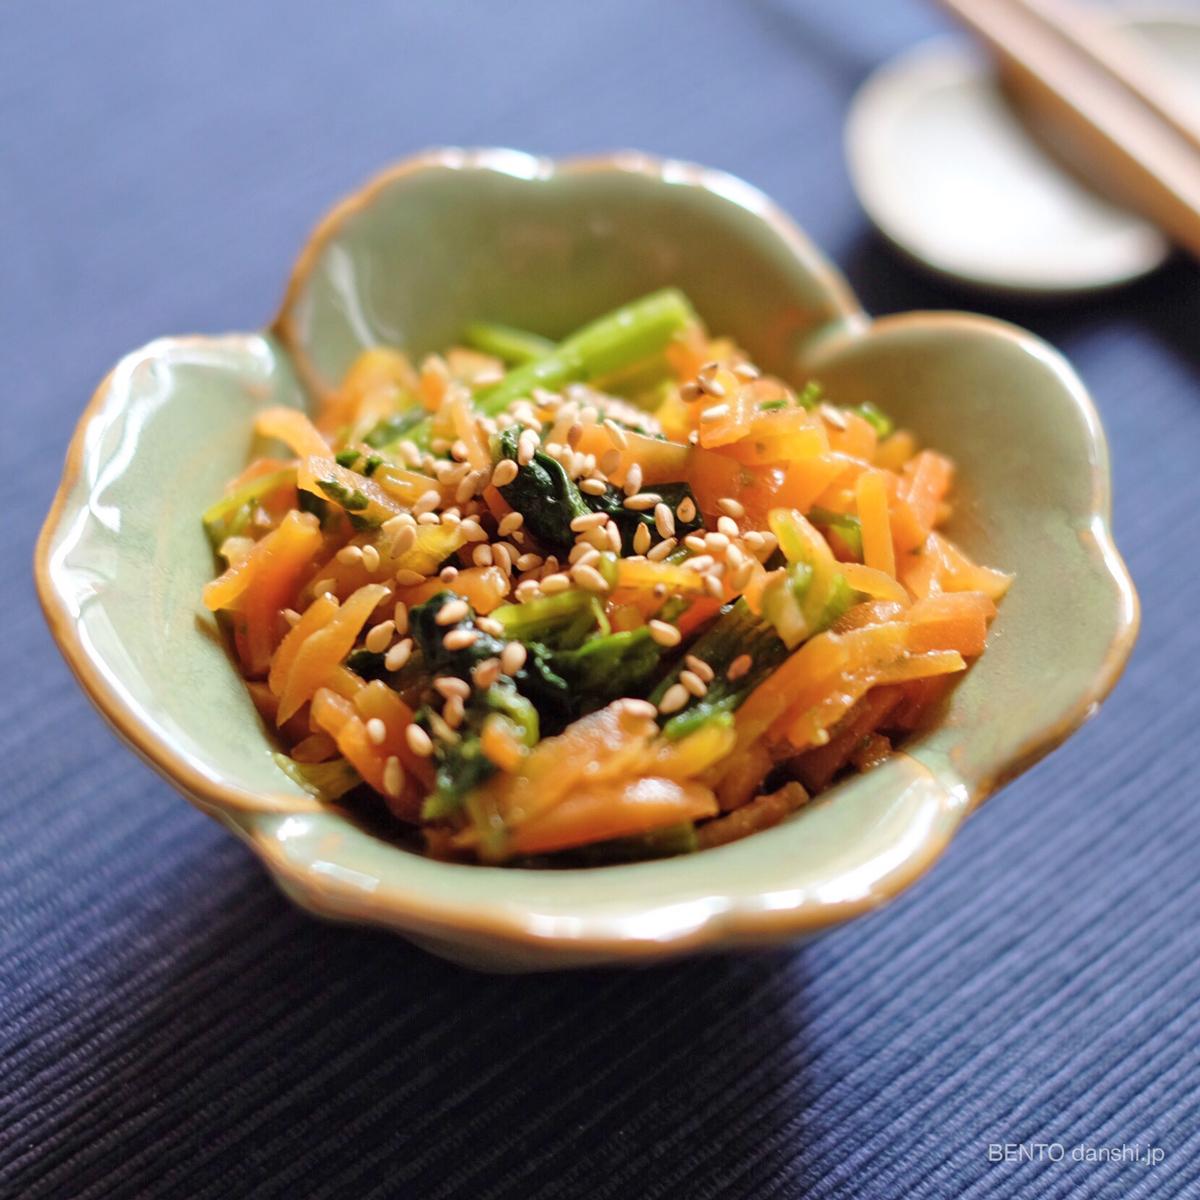 節約にもなる簡単レシピ。じんわり優しい味わい『ほうれん草と人参のナムル』